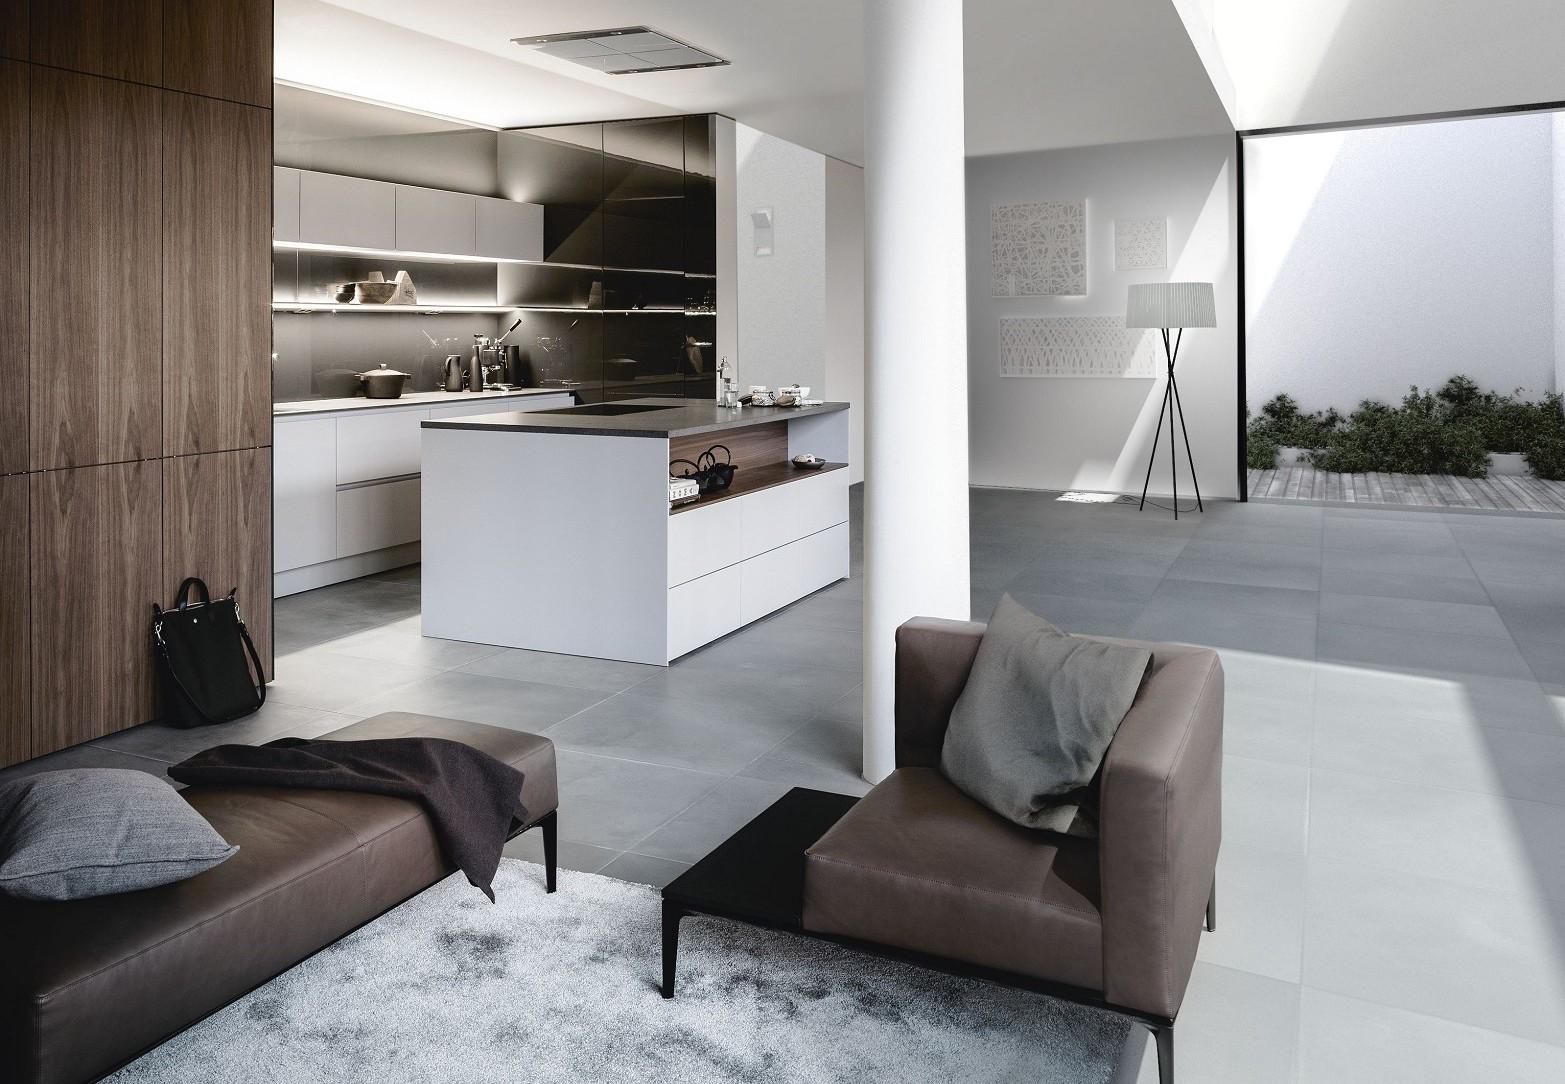 De SieMatic Pure S2 SE hoge kasten in nobel notenfineer verbinden het kook- met het woongedeelte in de woonkeuken.